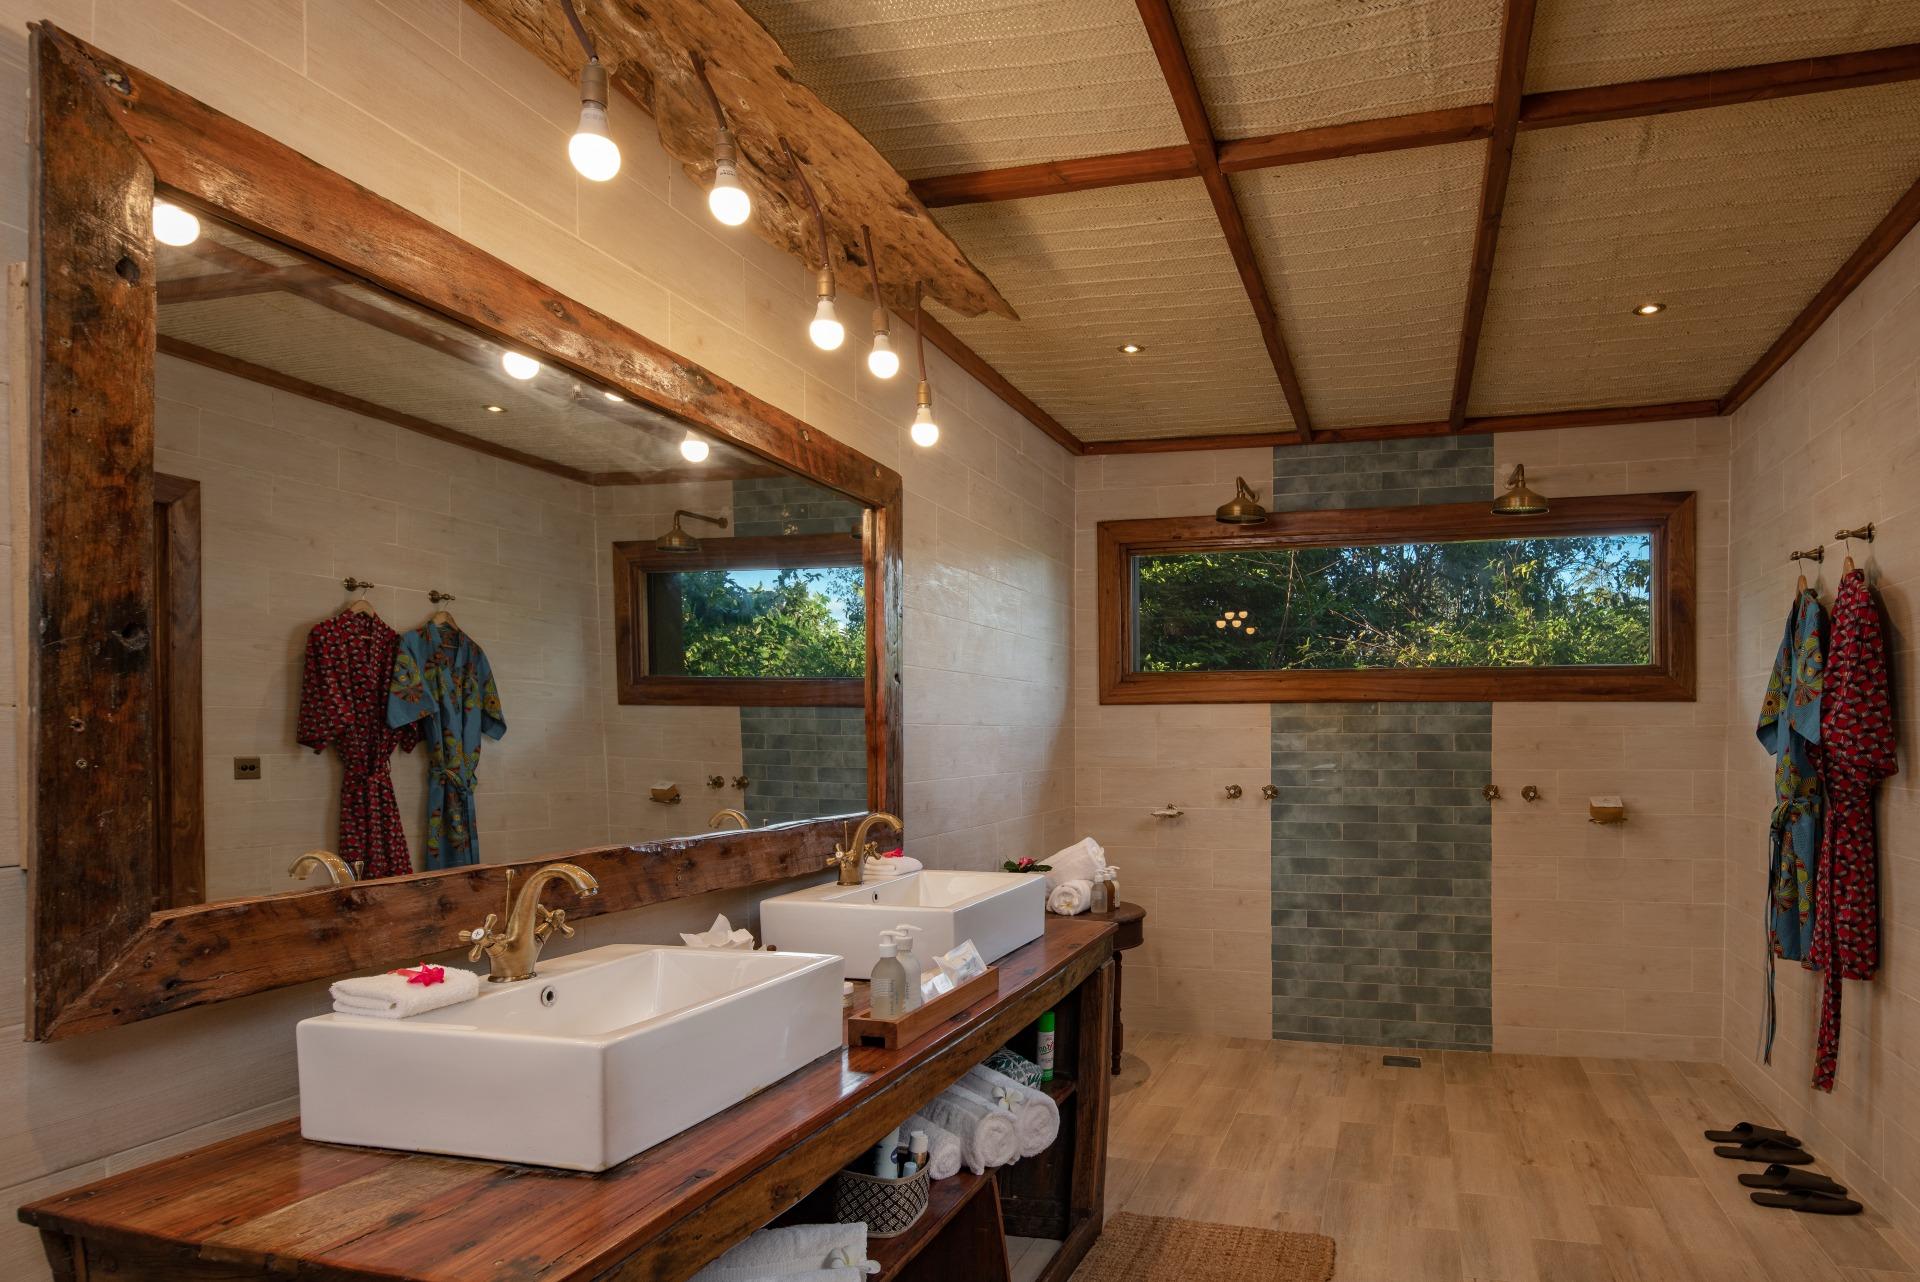 Badezimmer einer Banda